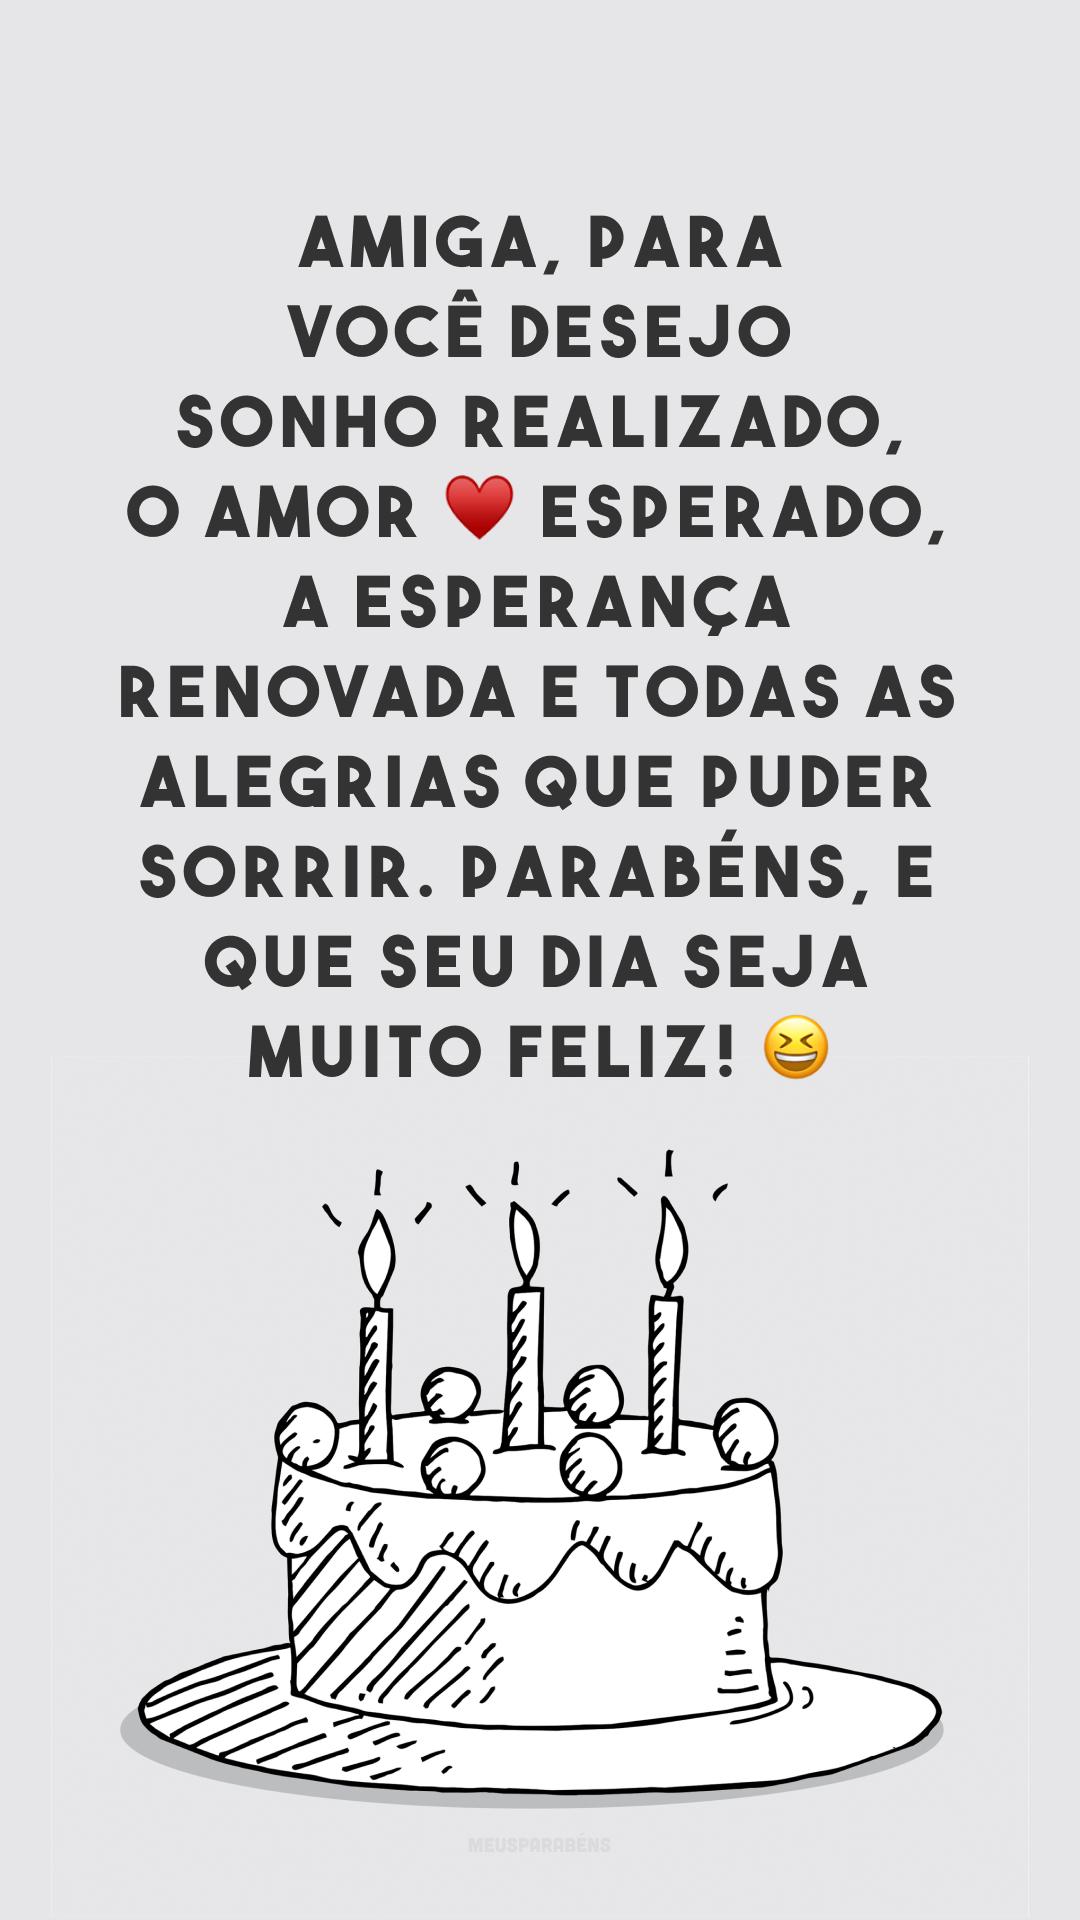 Amiga, para você desejo sonho realizado, o amor ♥ esperado, a esperança renovada e todas as alegrias que puder sorrir. Parabéns, e que seu dia seja muito feliz! ?